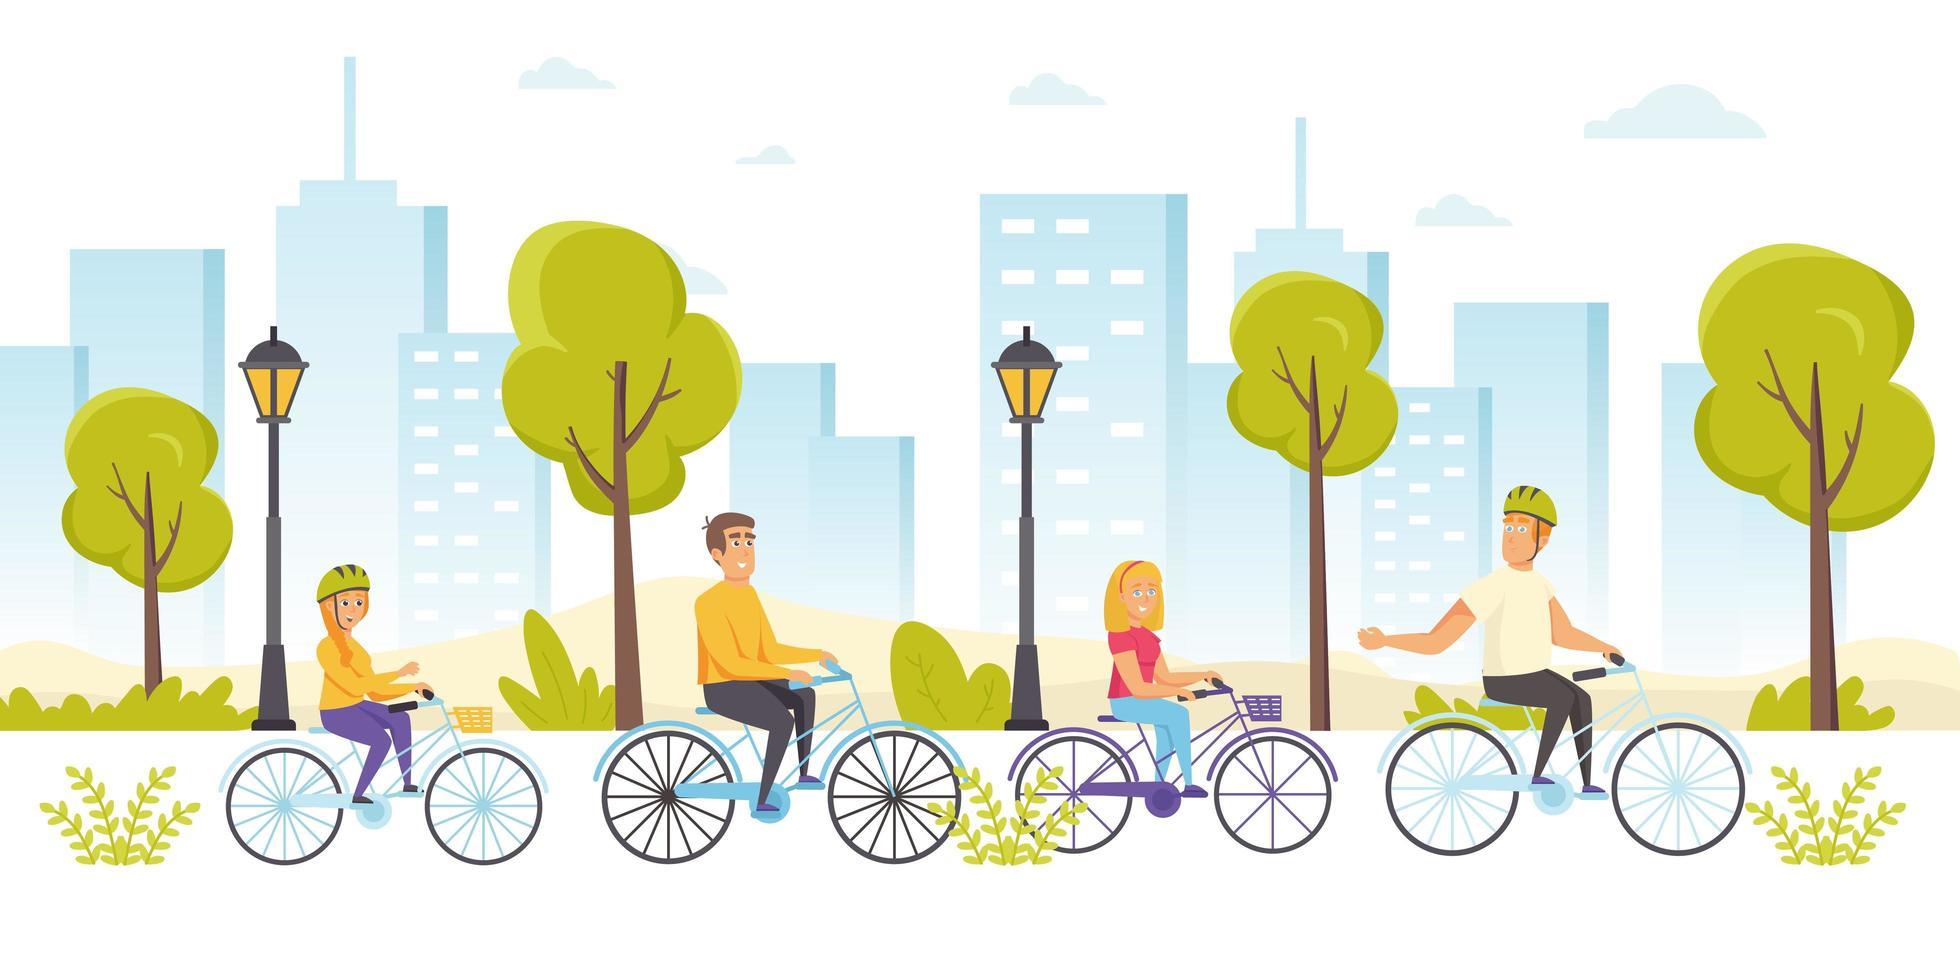 glückliche Freunde, die Fahrrad fahren vektor